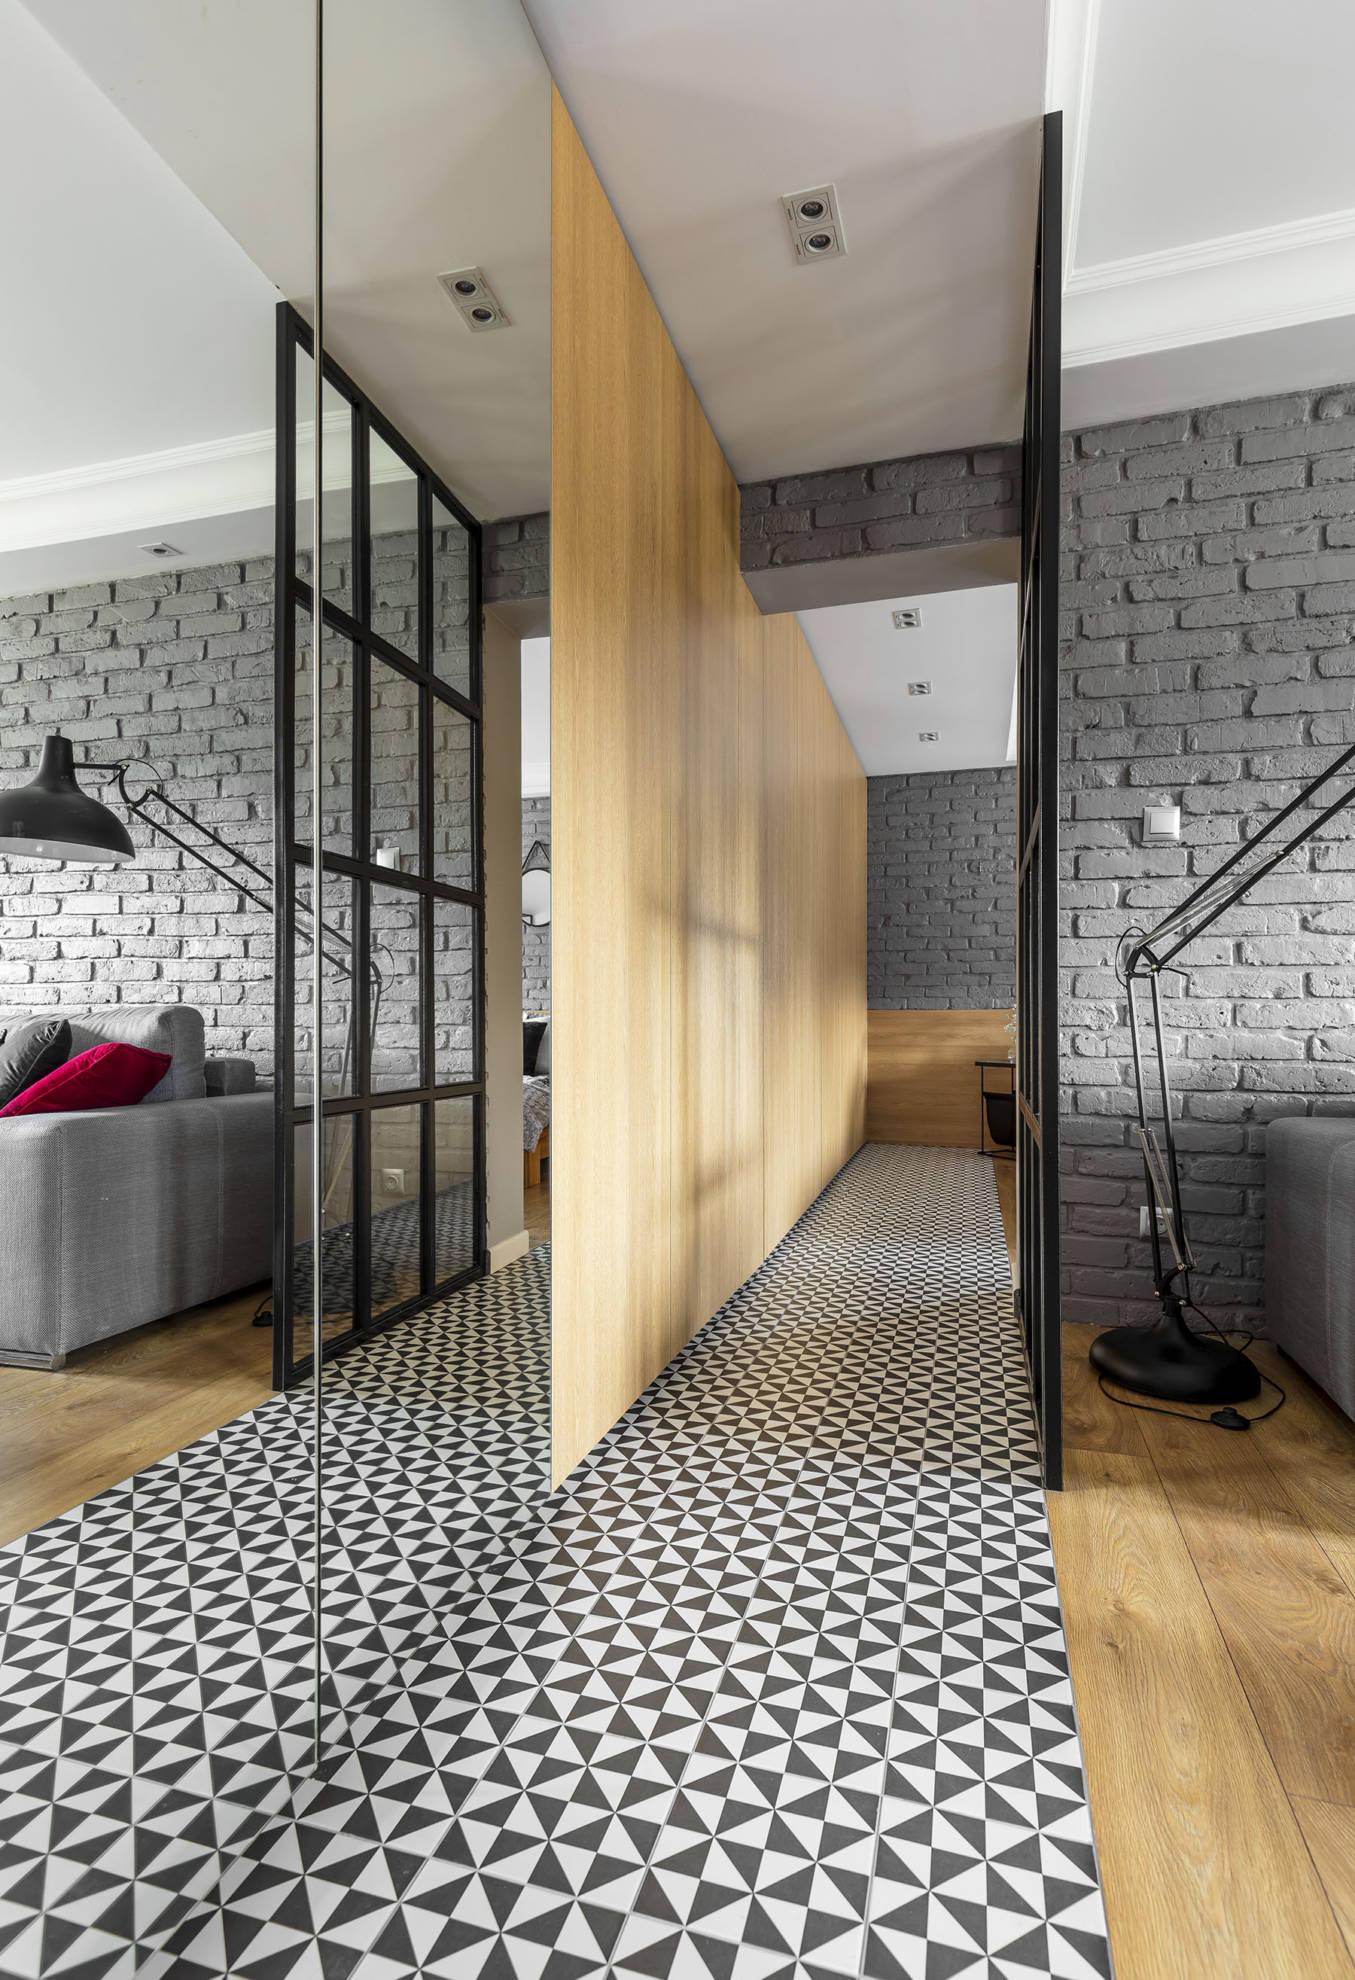 Przedpokój - meble SAS Wnętrza i Kuchnia, projekt architekt wnętrz Emilia Strzempek Plasun.